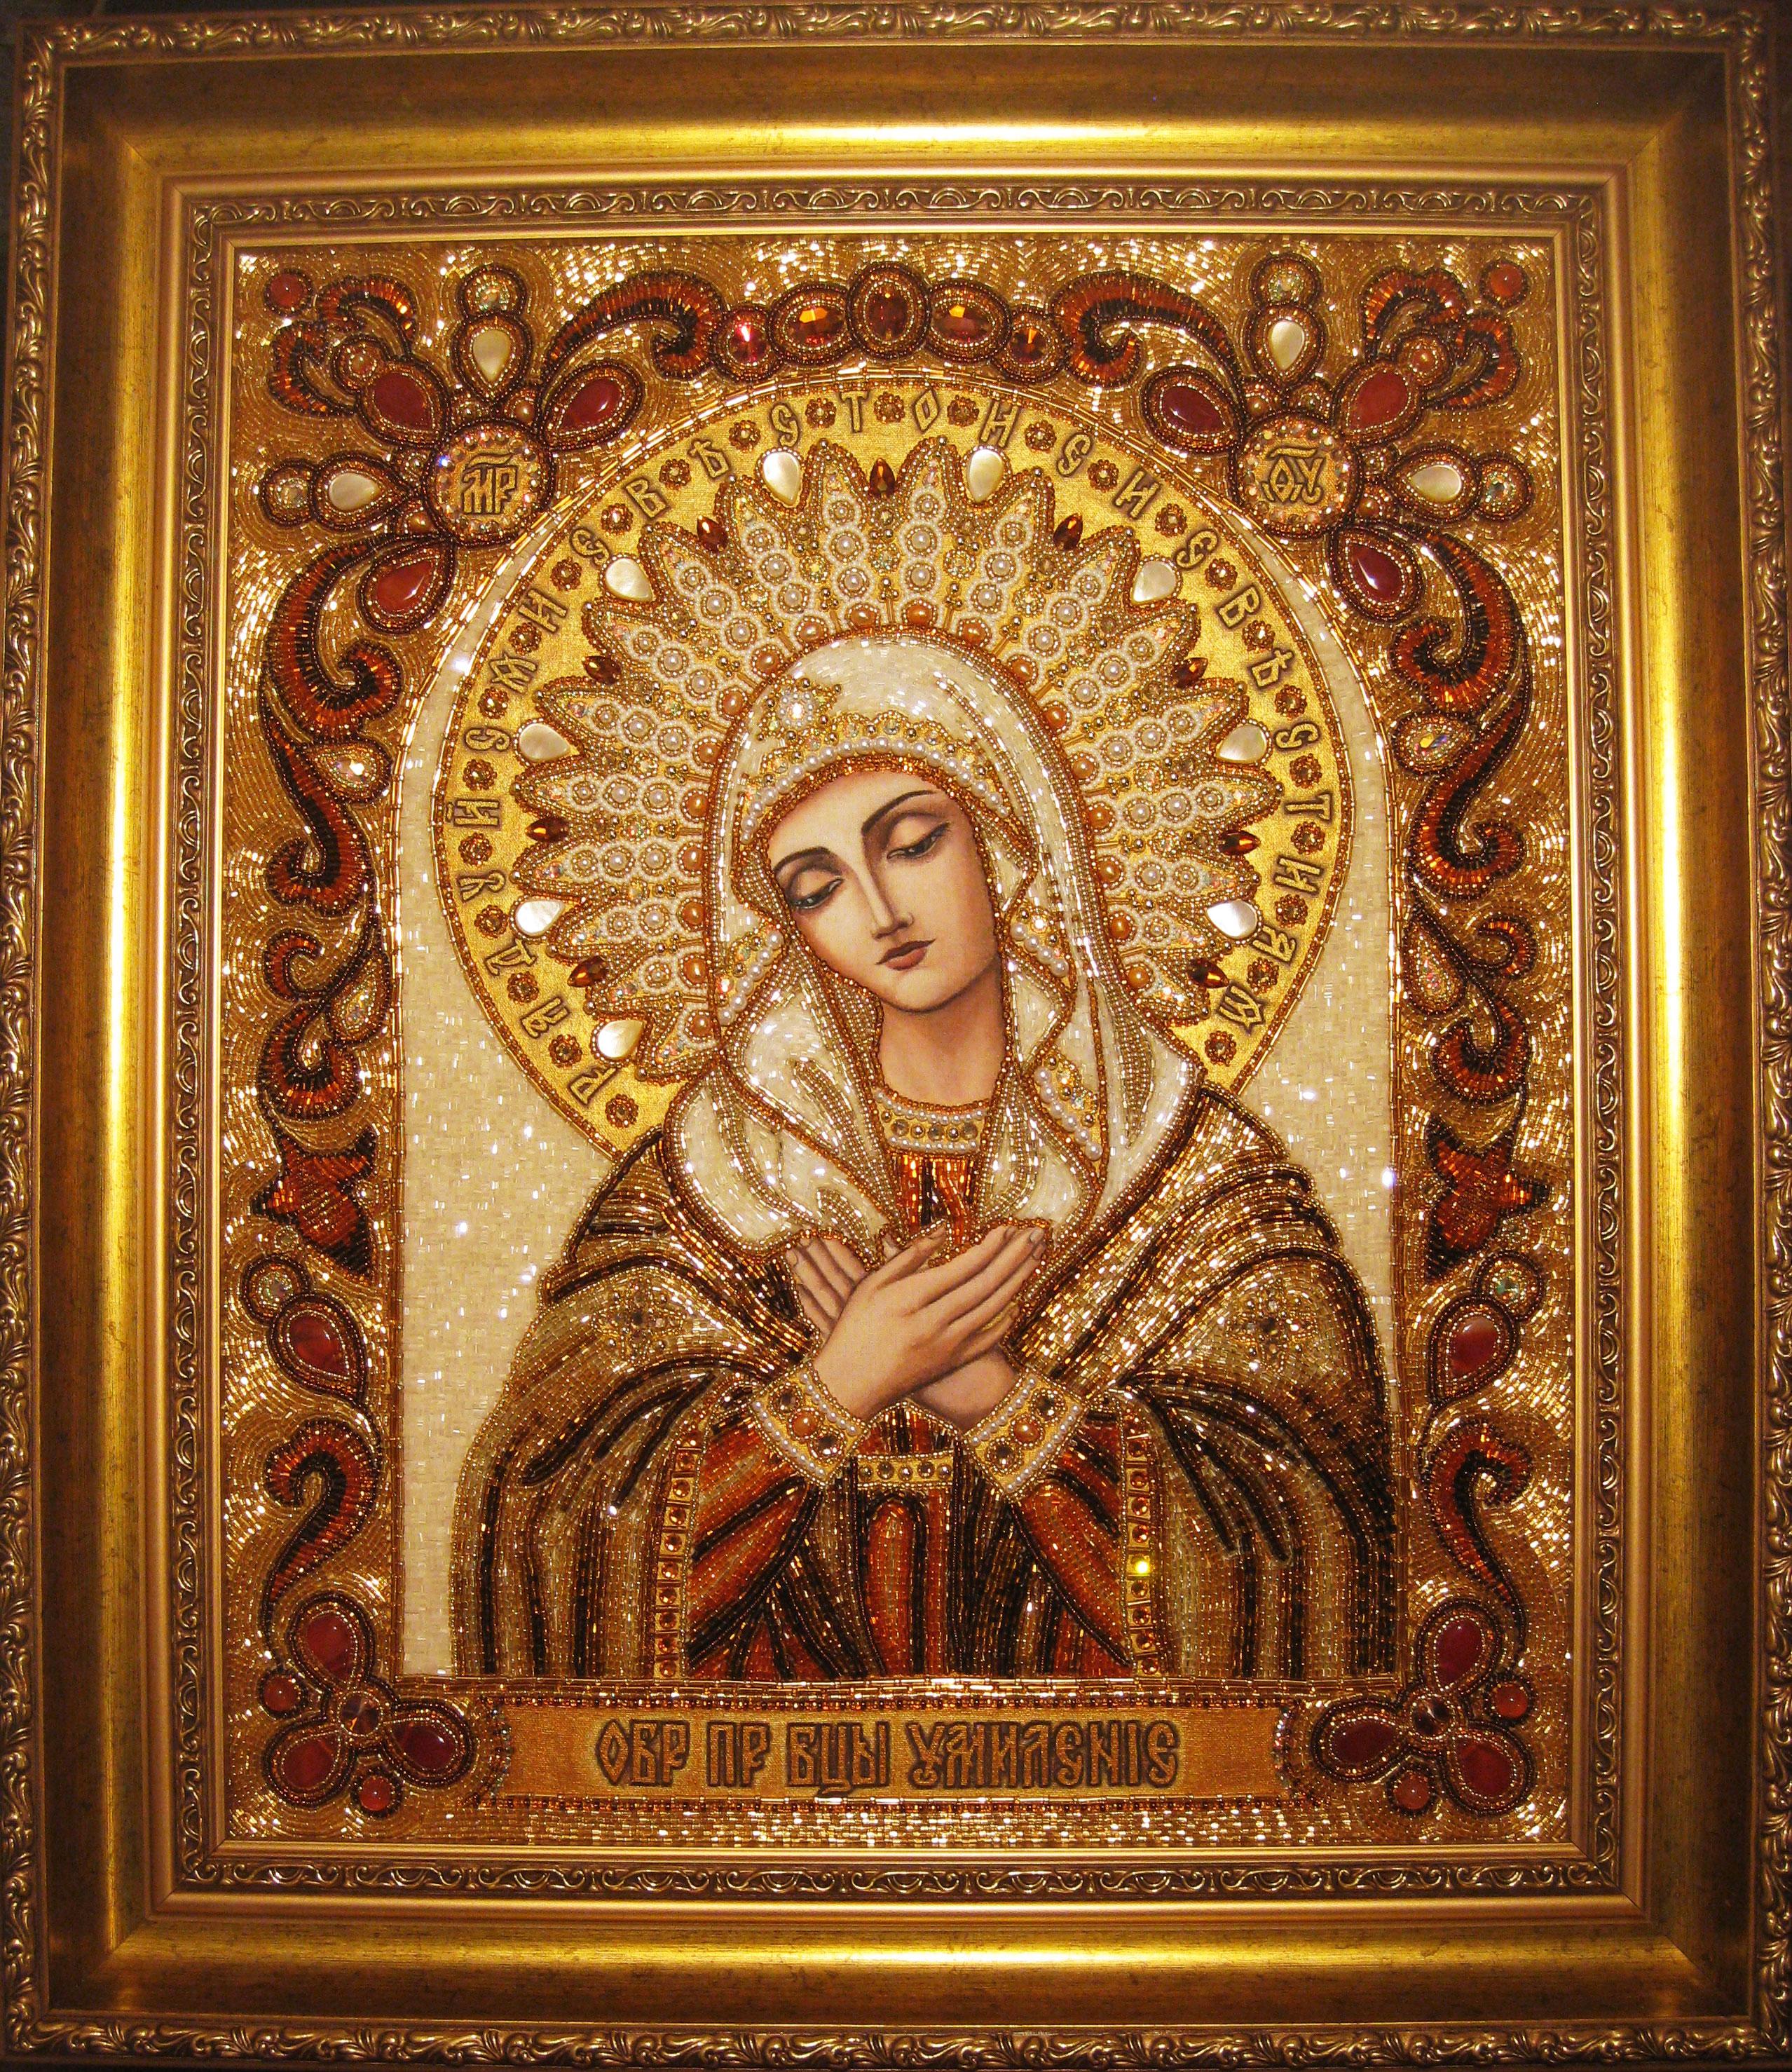 Икона Казанская Божья Матерь вышитая бисером и камнями.